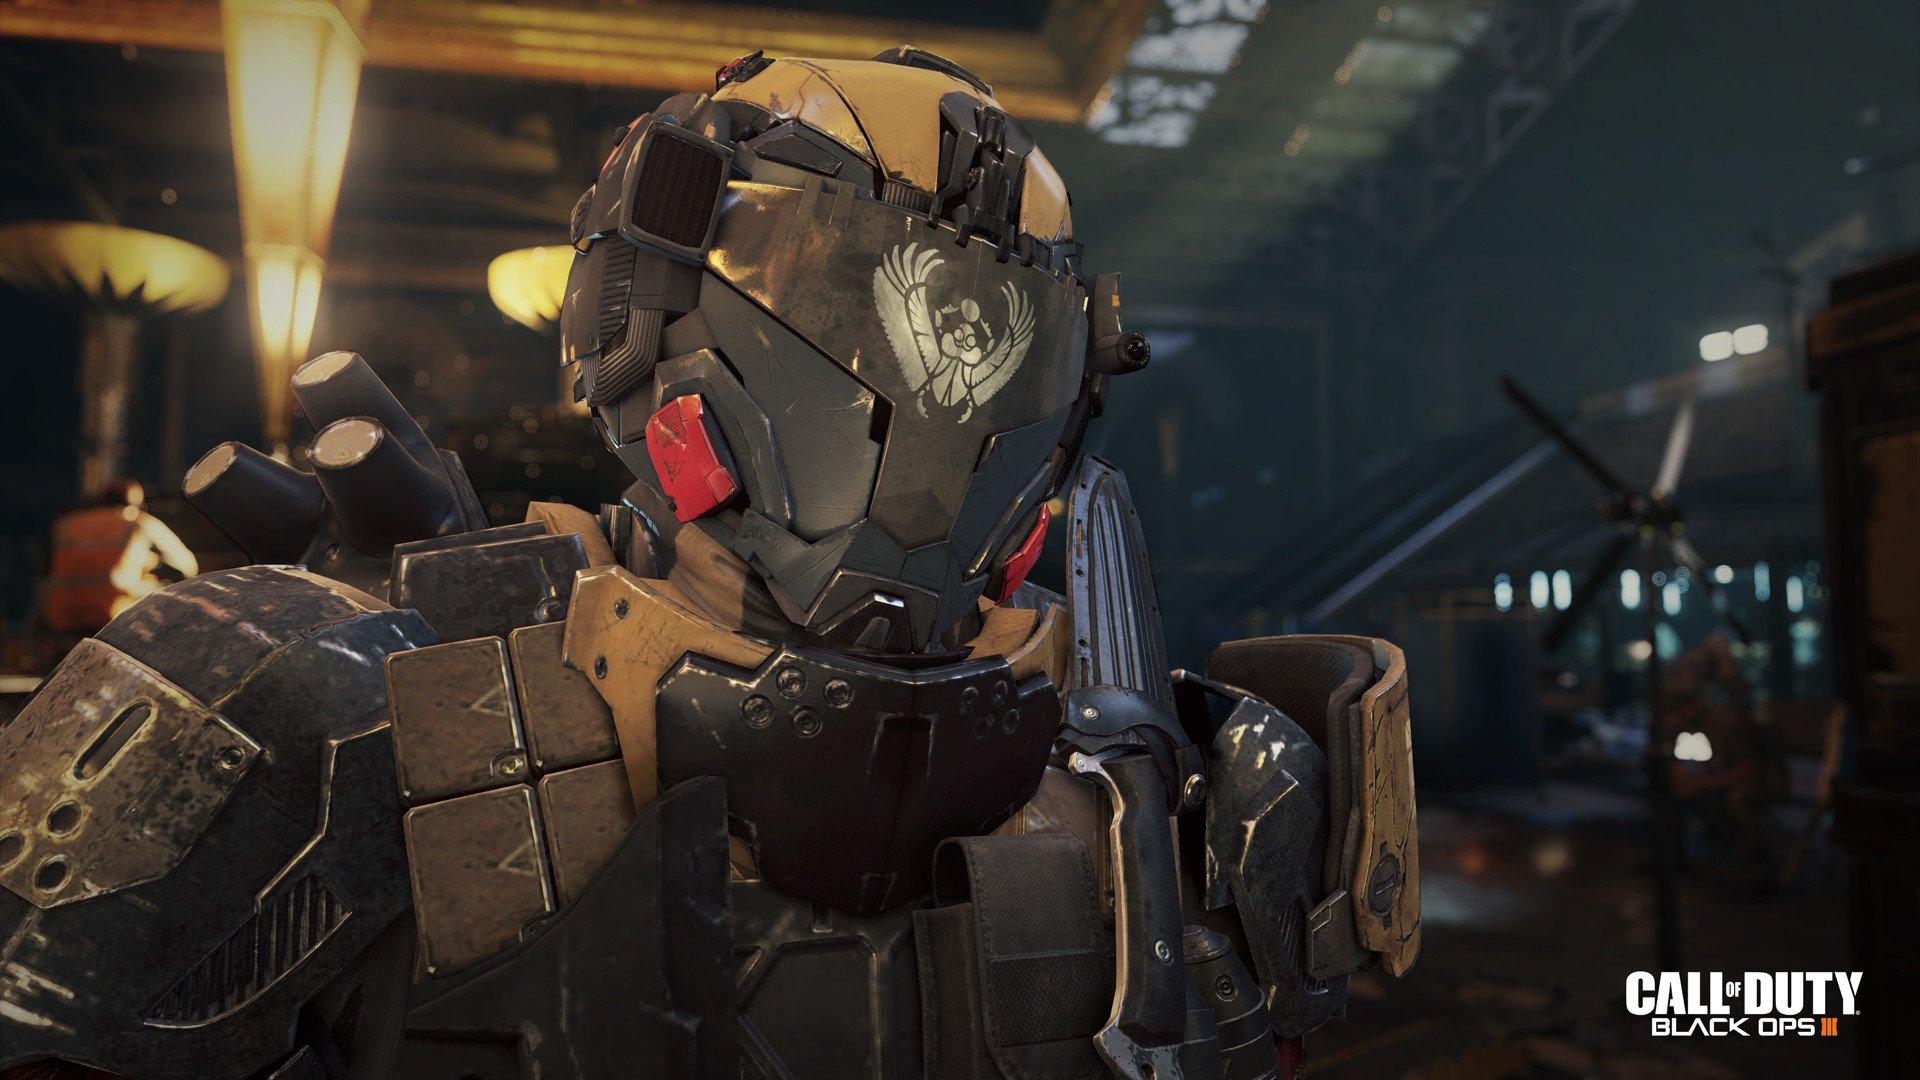 Call of Duty Black Ops III Awakening 6